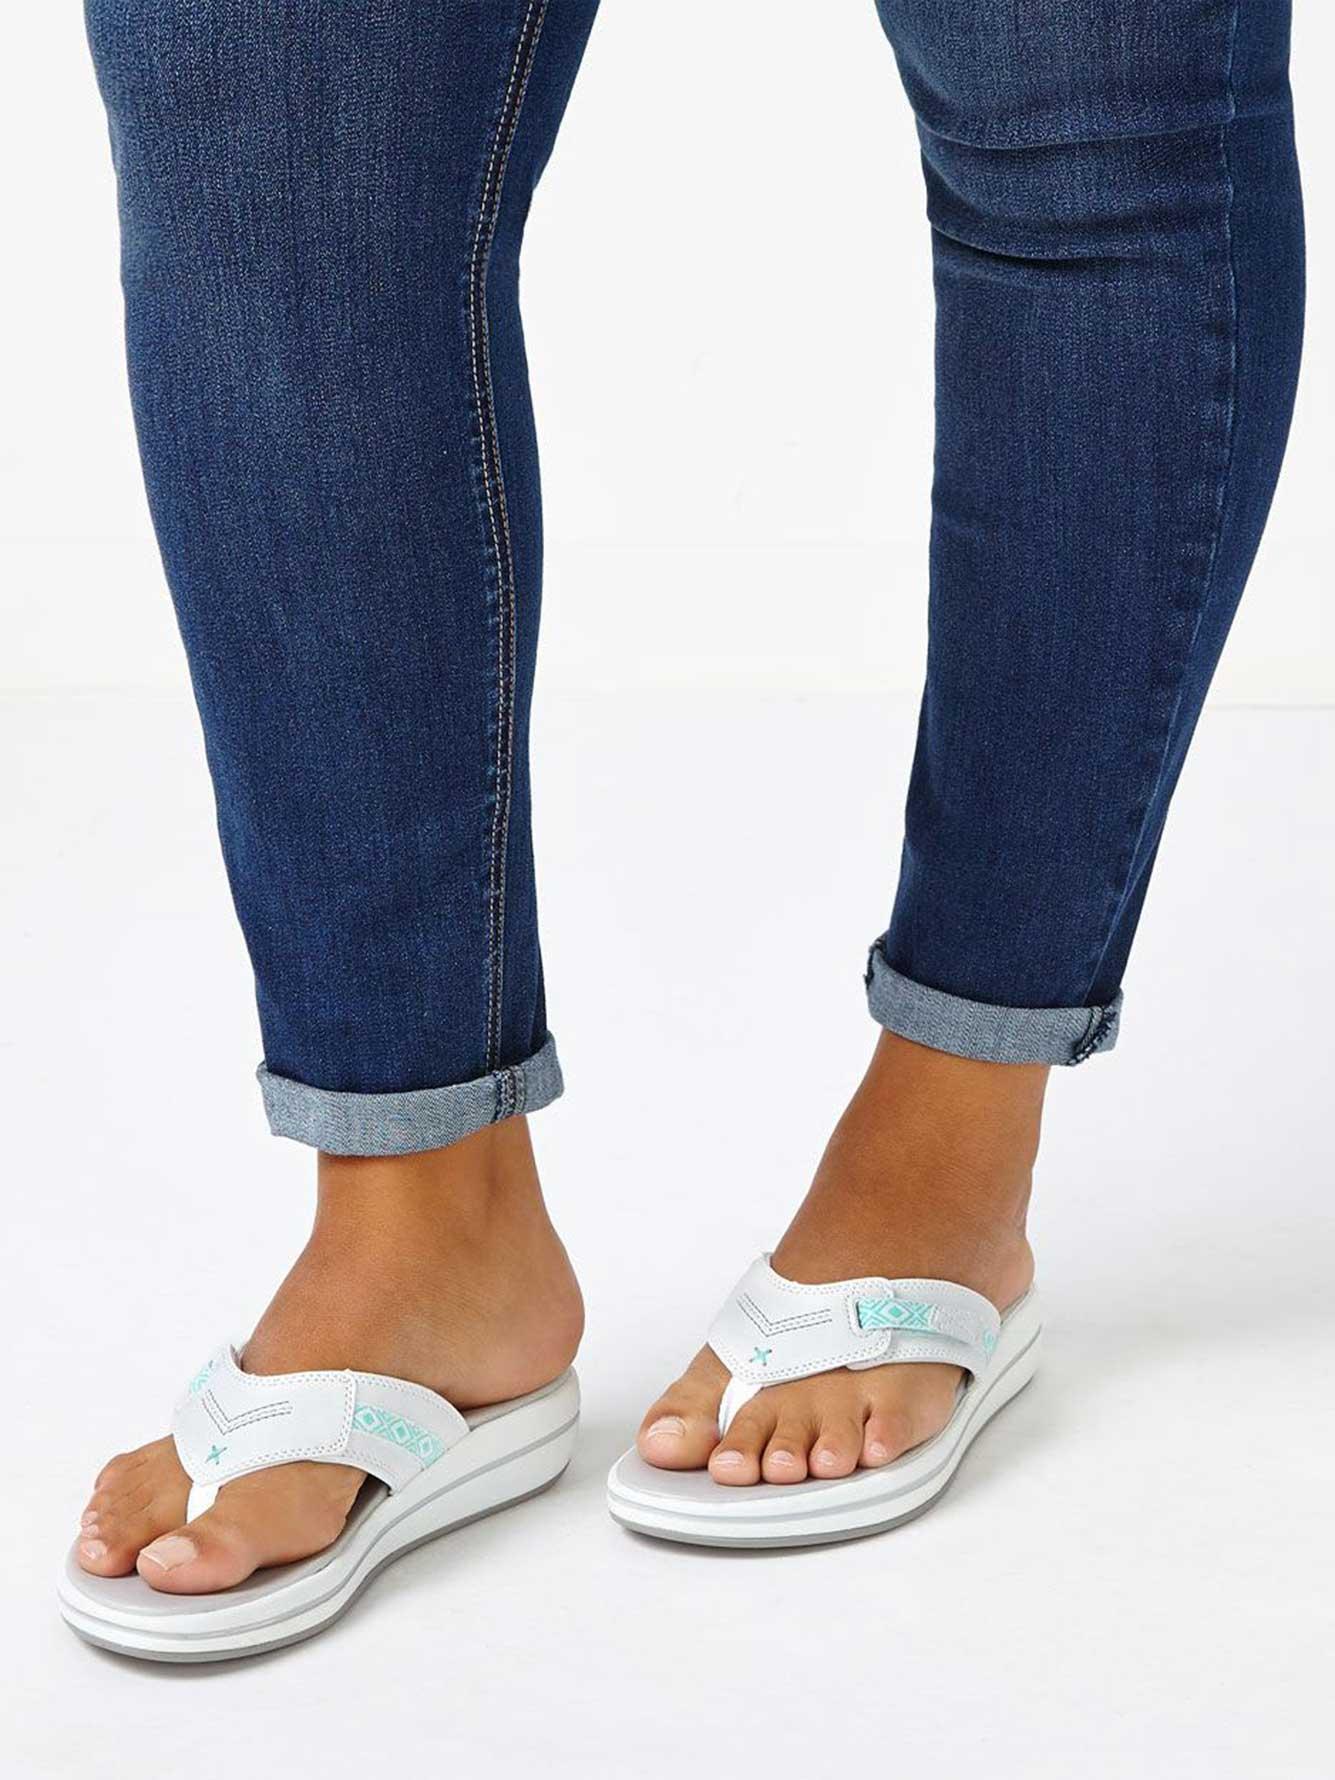 c465626dd Skechers Wide-Width Flip Flop Sandals